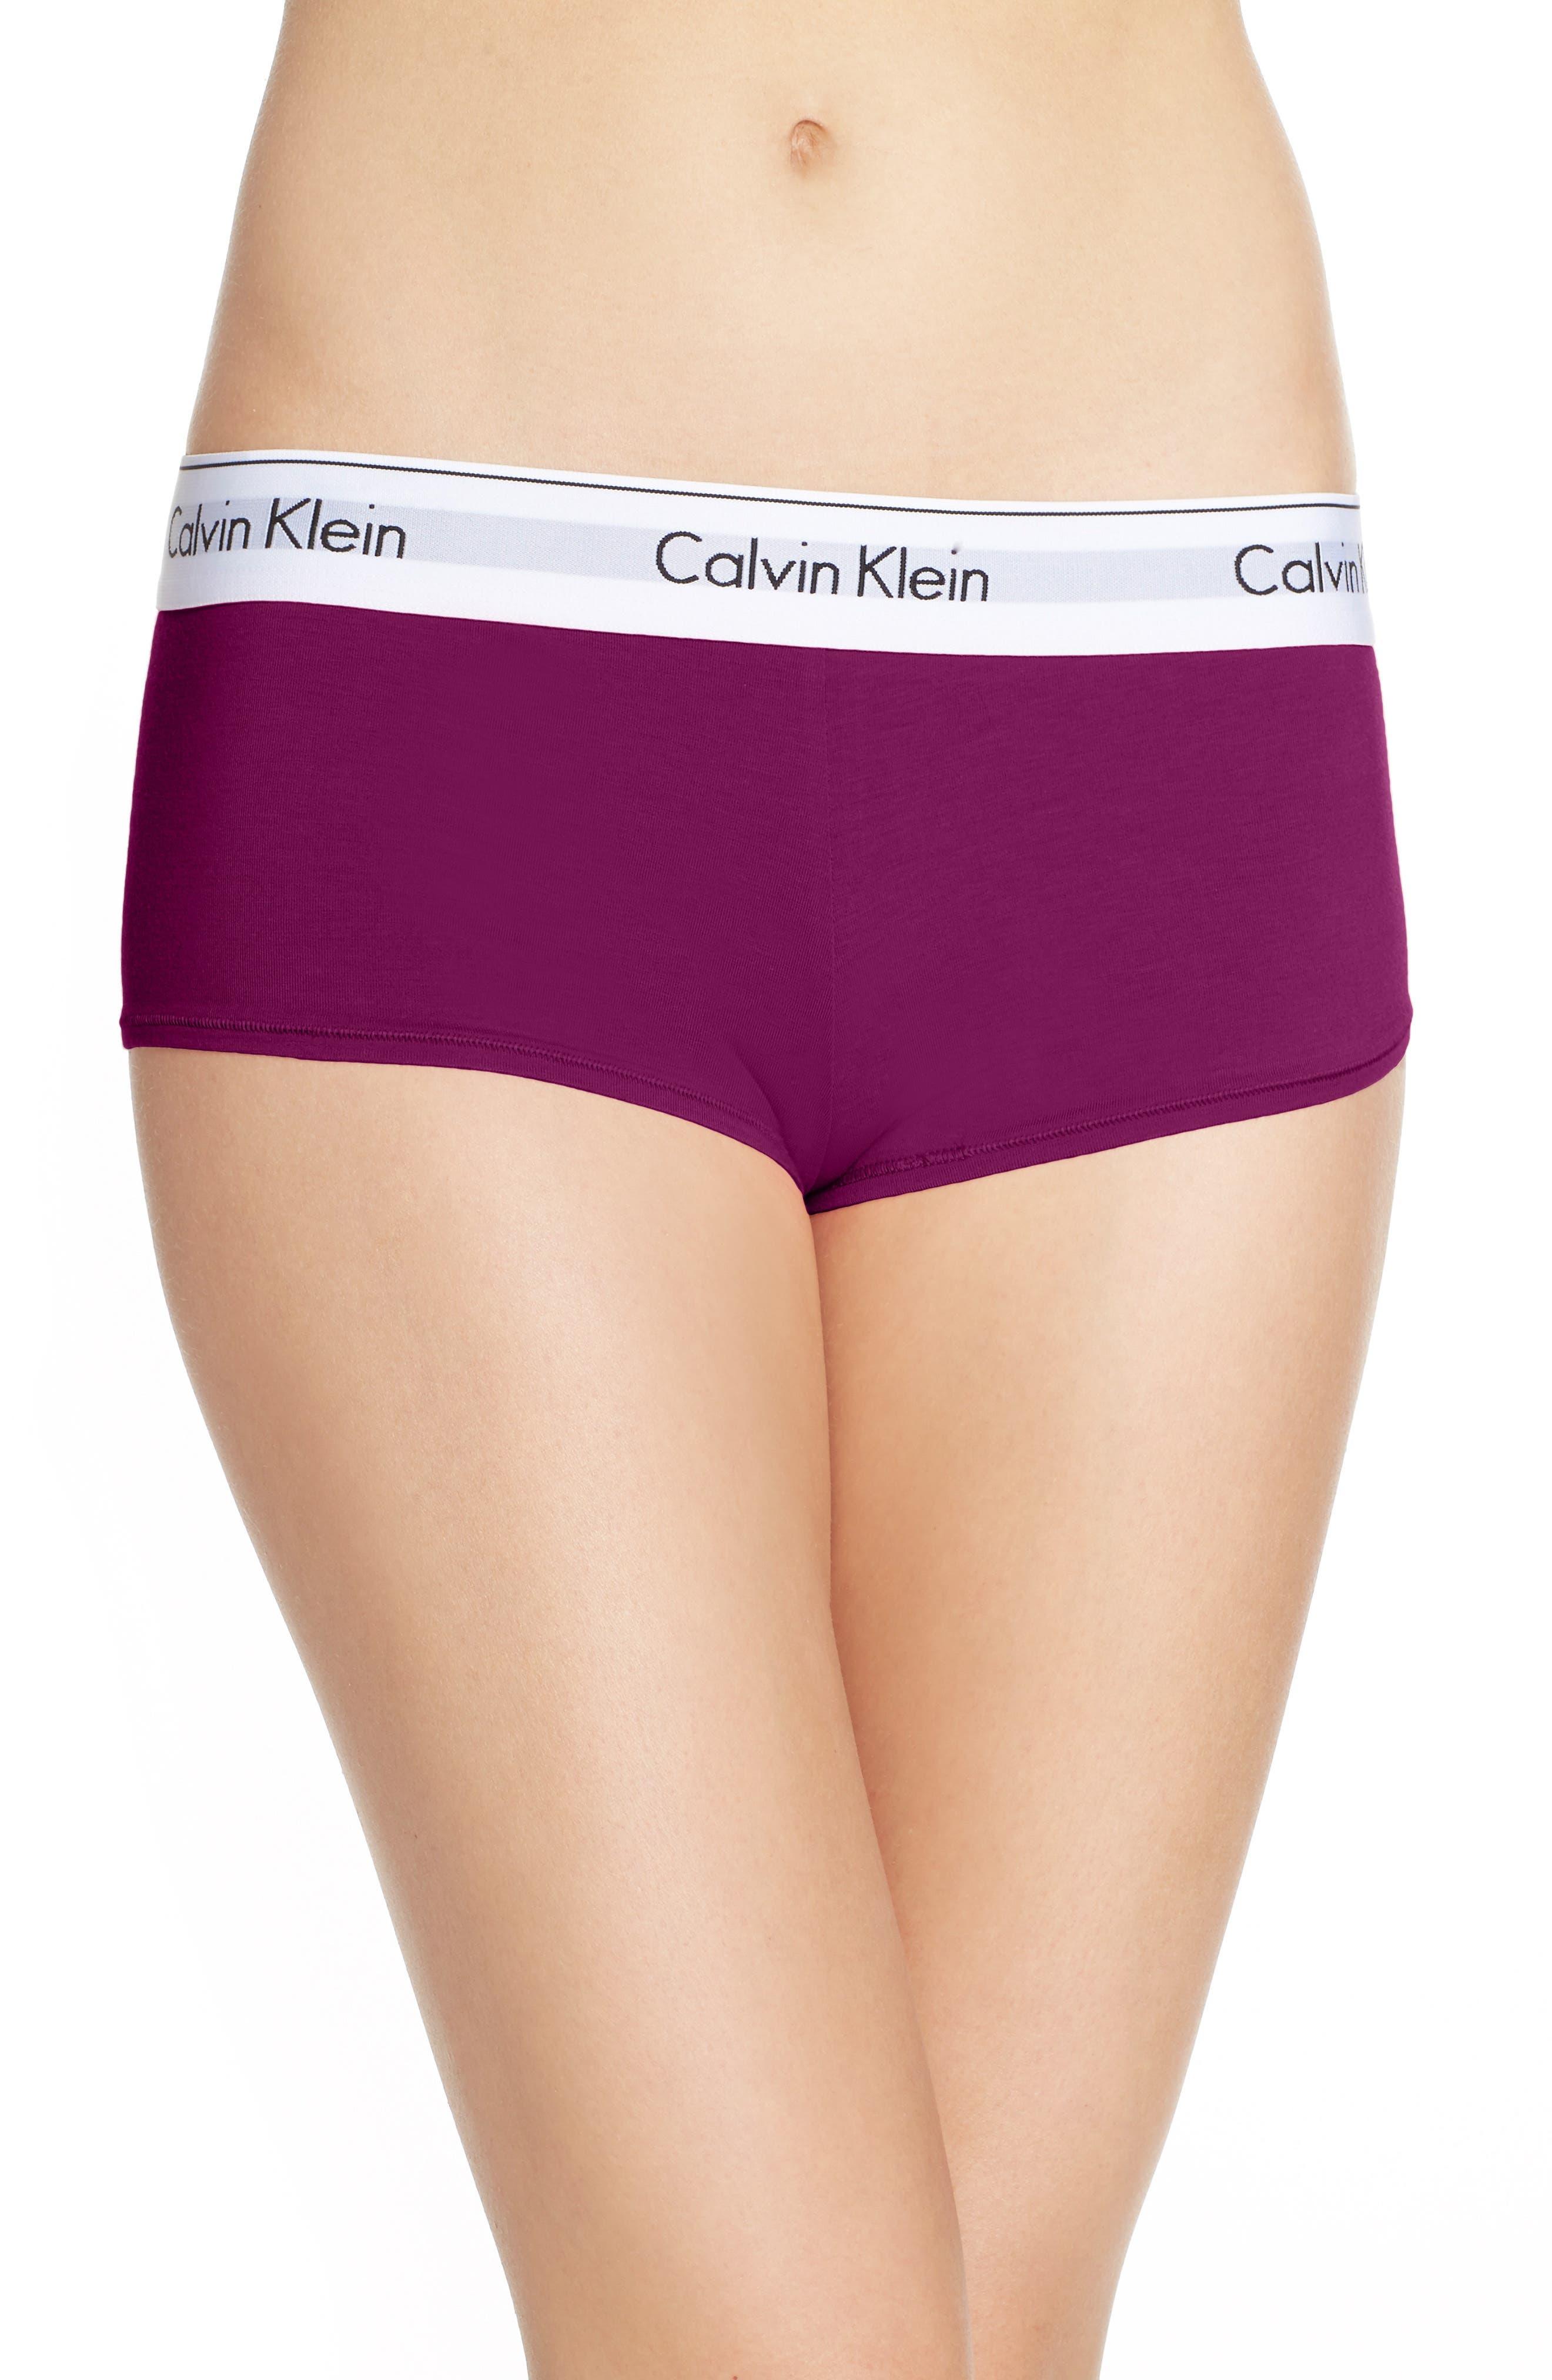 Calvin Klein Modern Cotton Collection Boyshorts